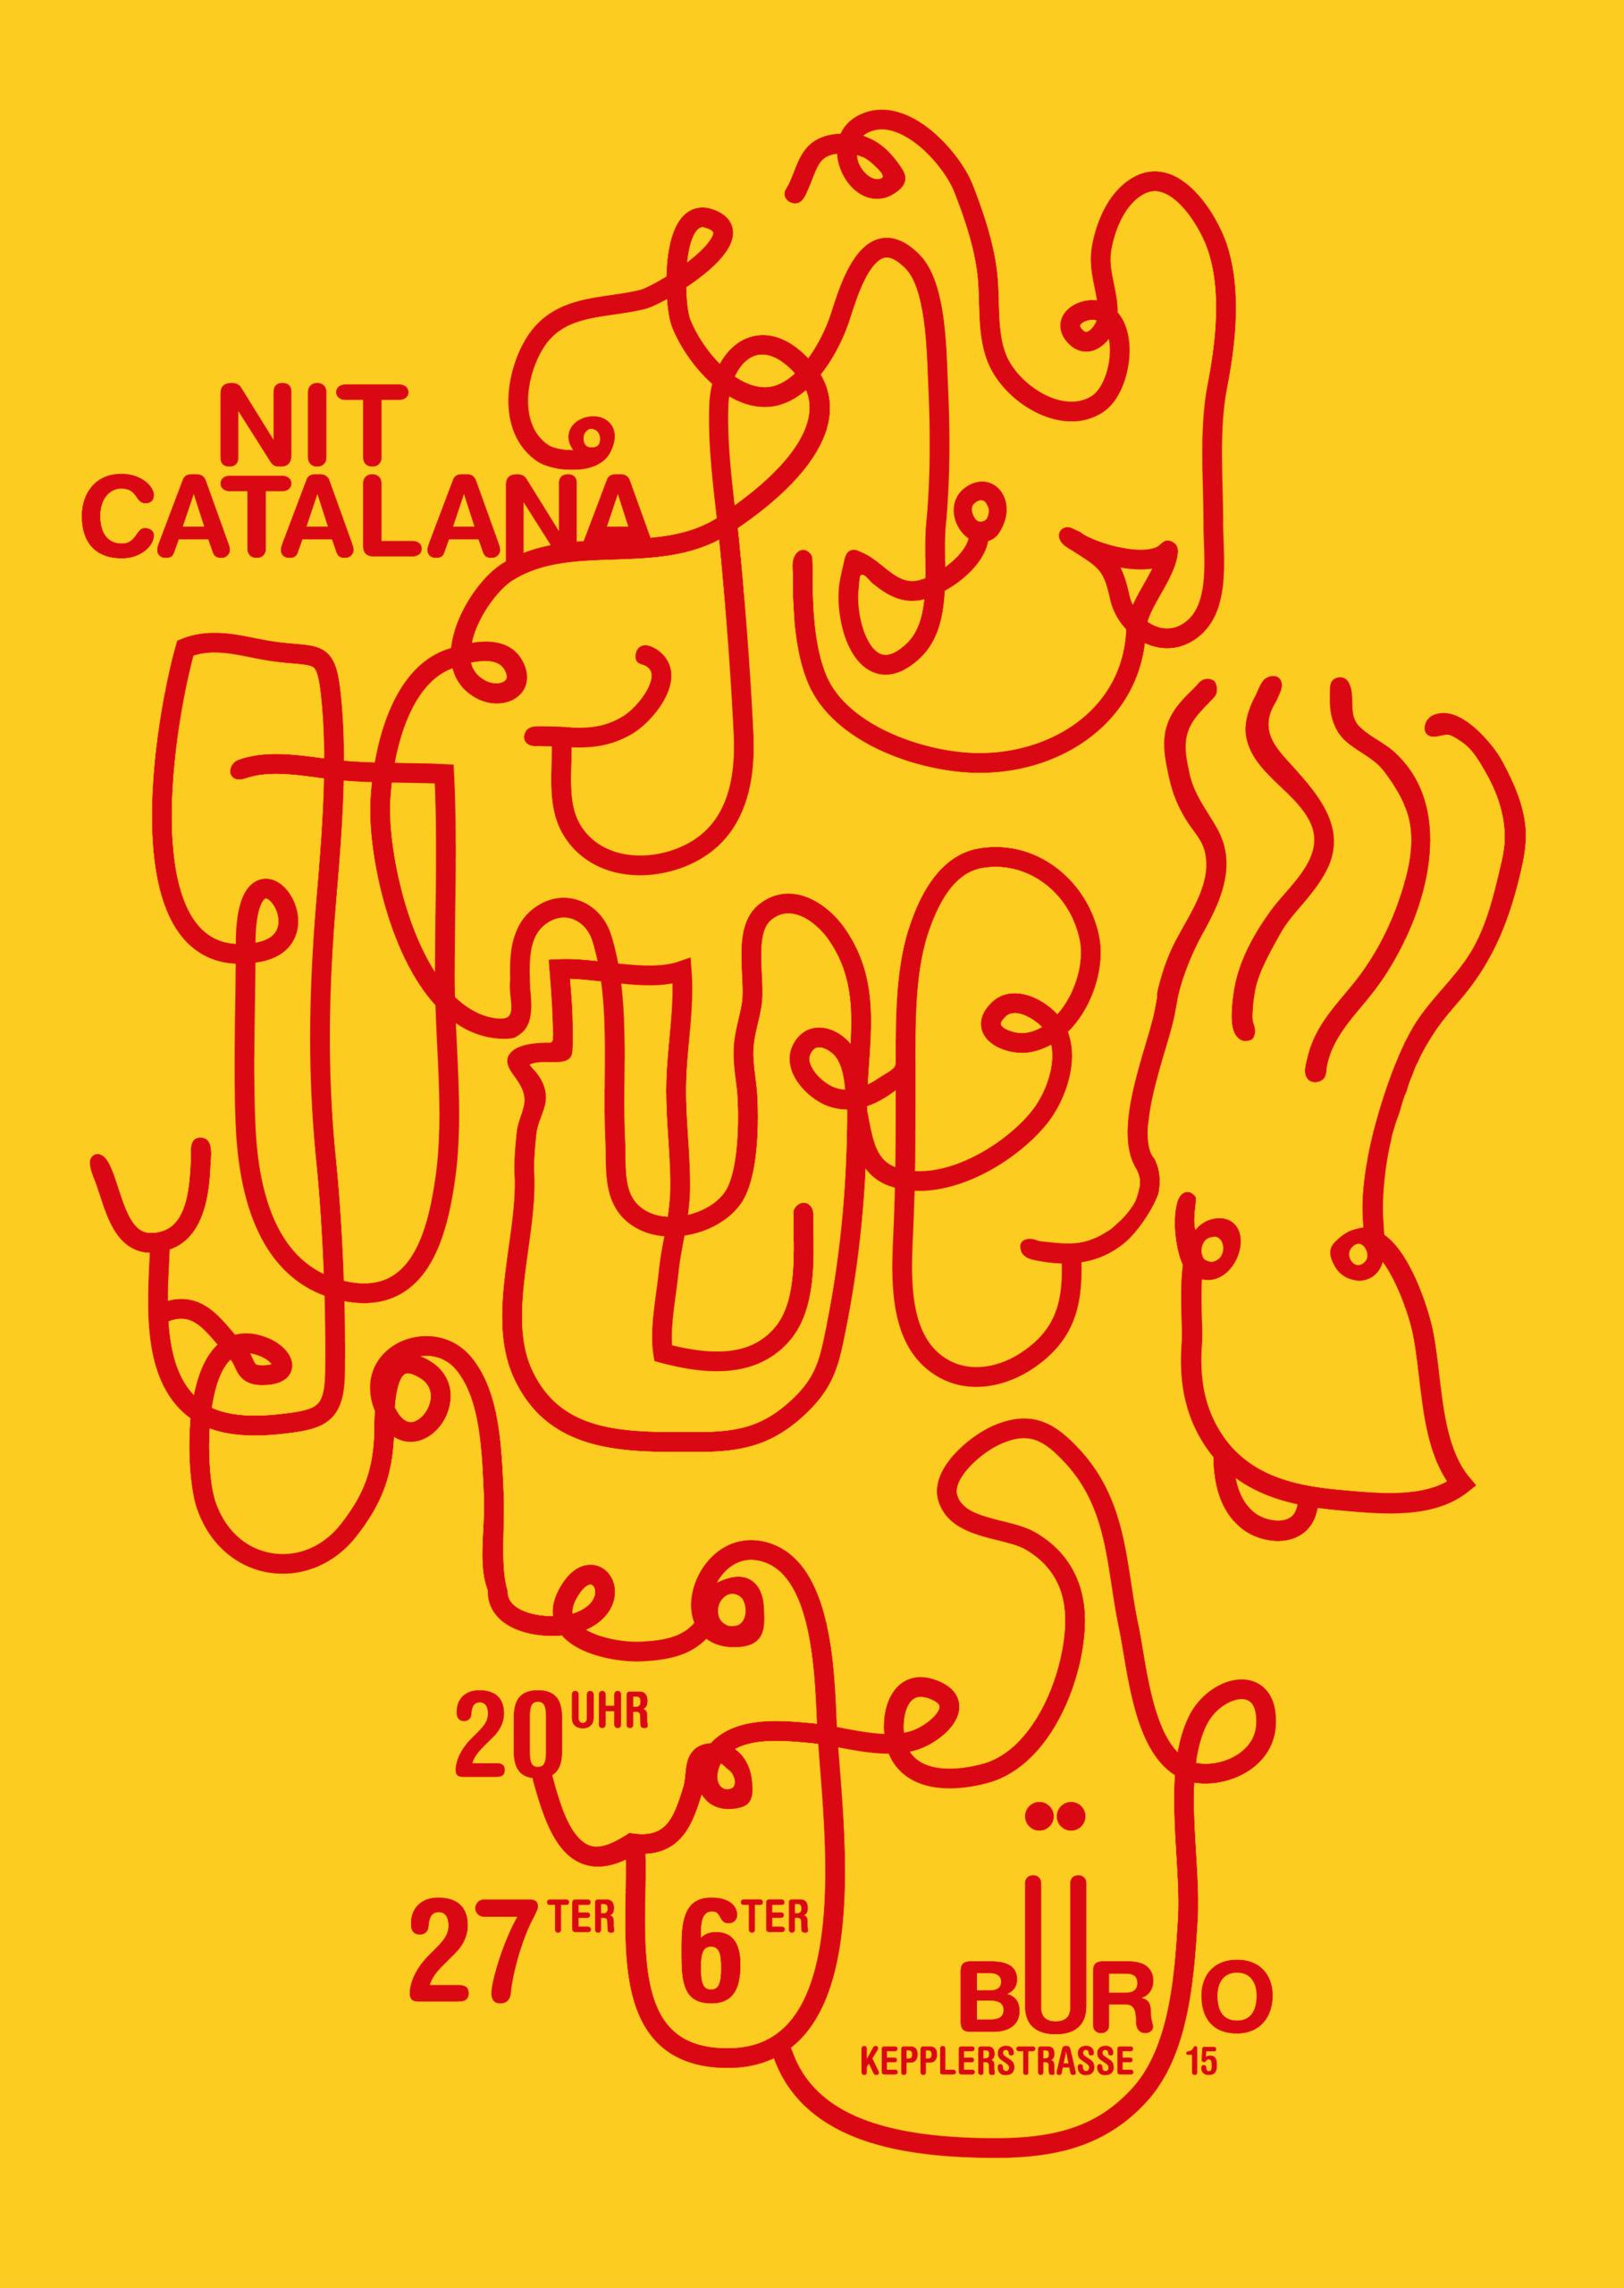 NIT CATALANA – Poster CINESCULT - vicivici | ello